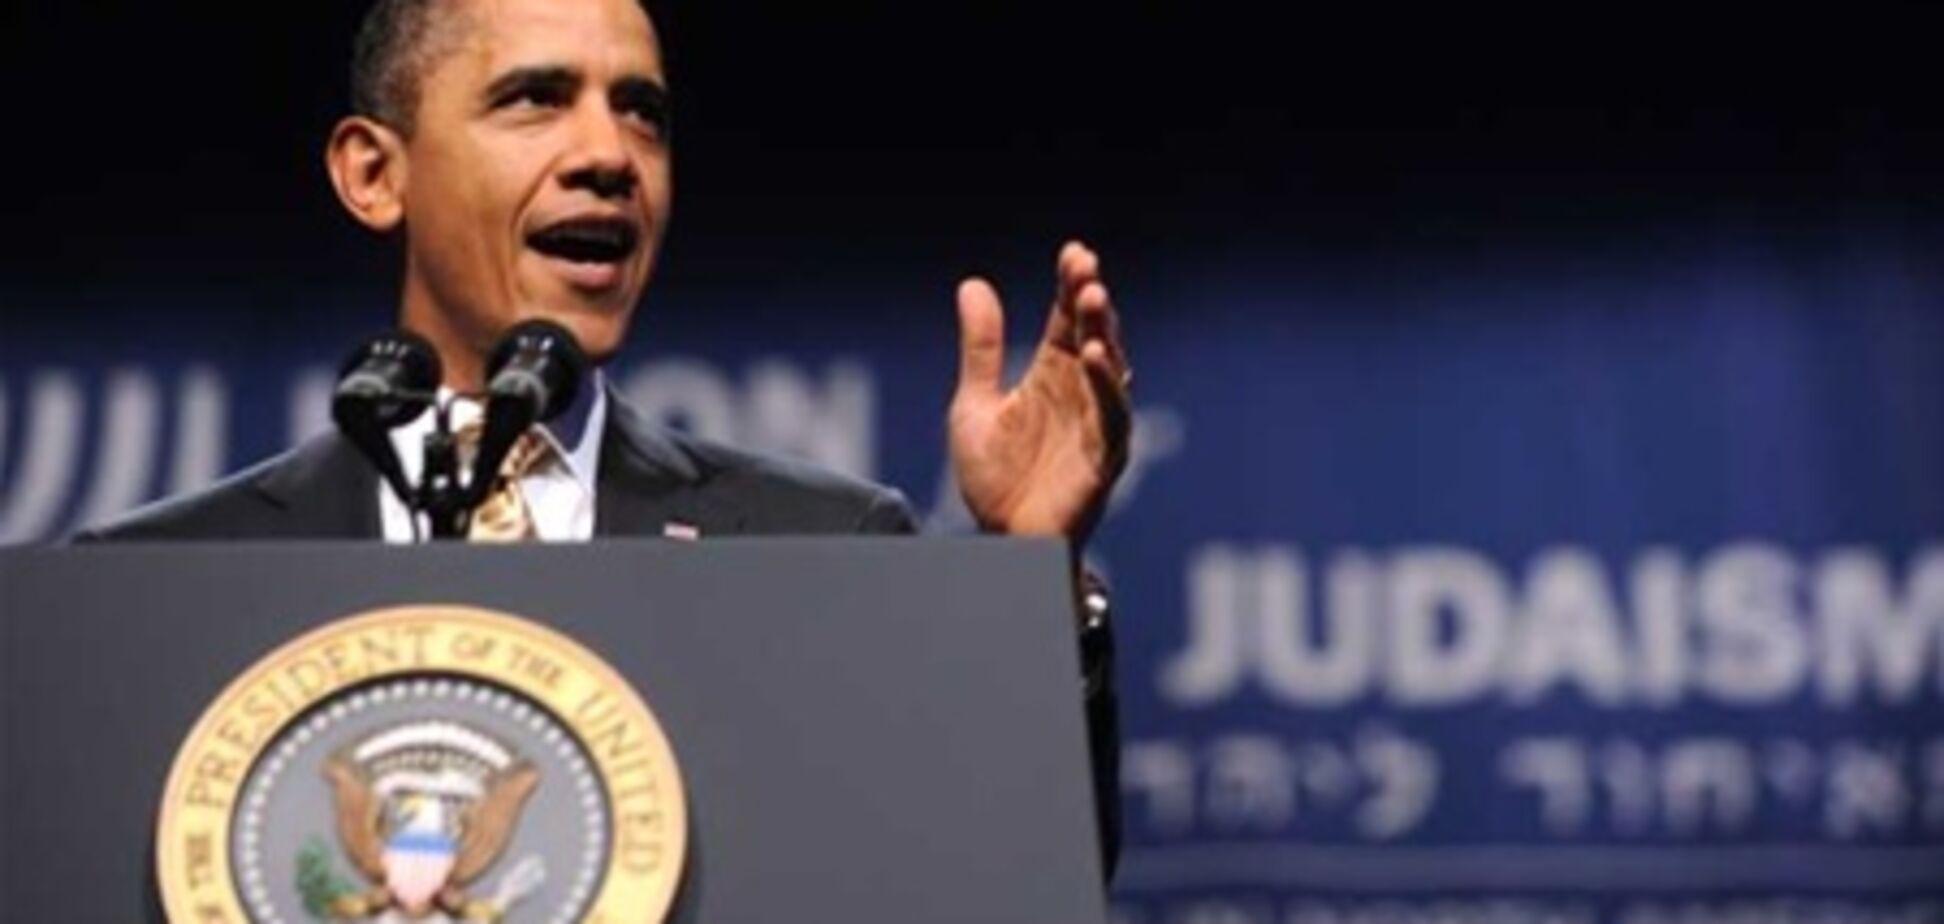 Республіканці вибрали суперників Обами: прихильник війни і мішок з грошима